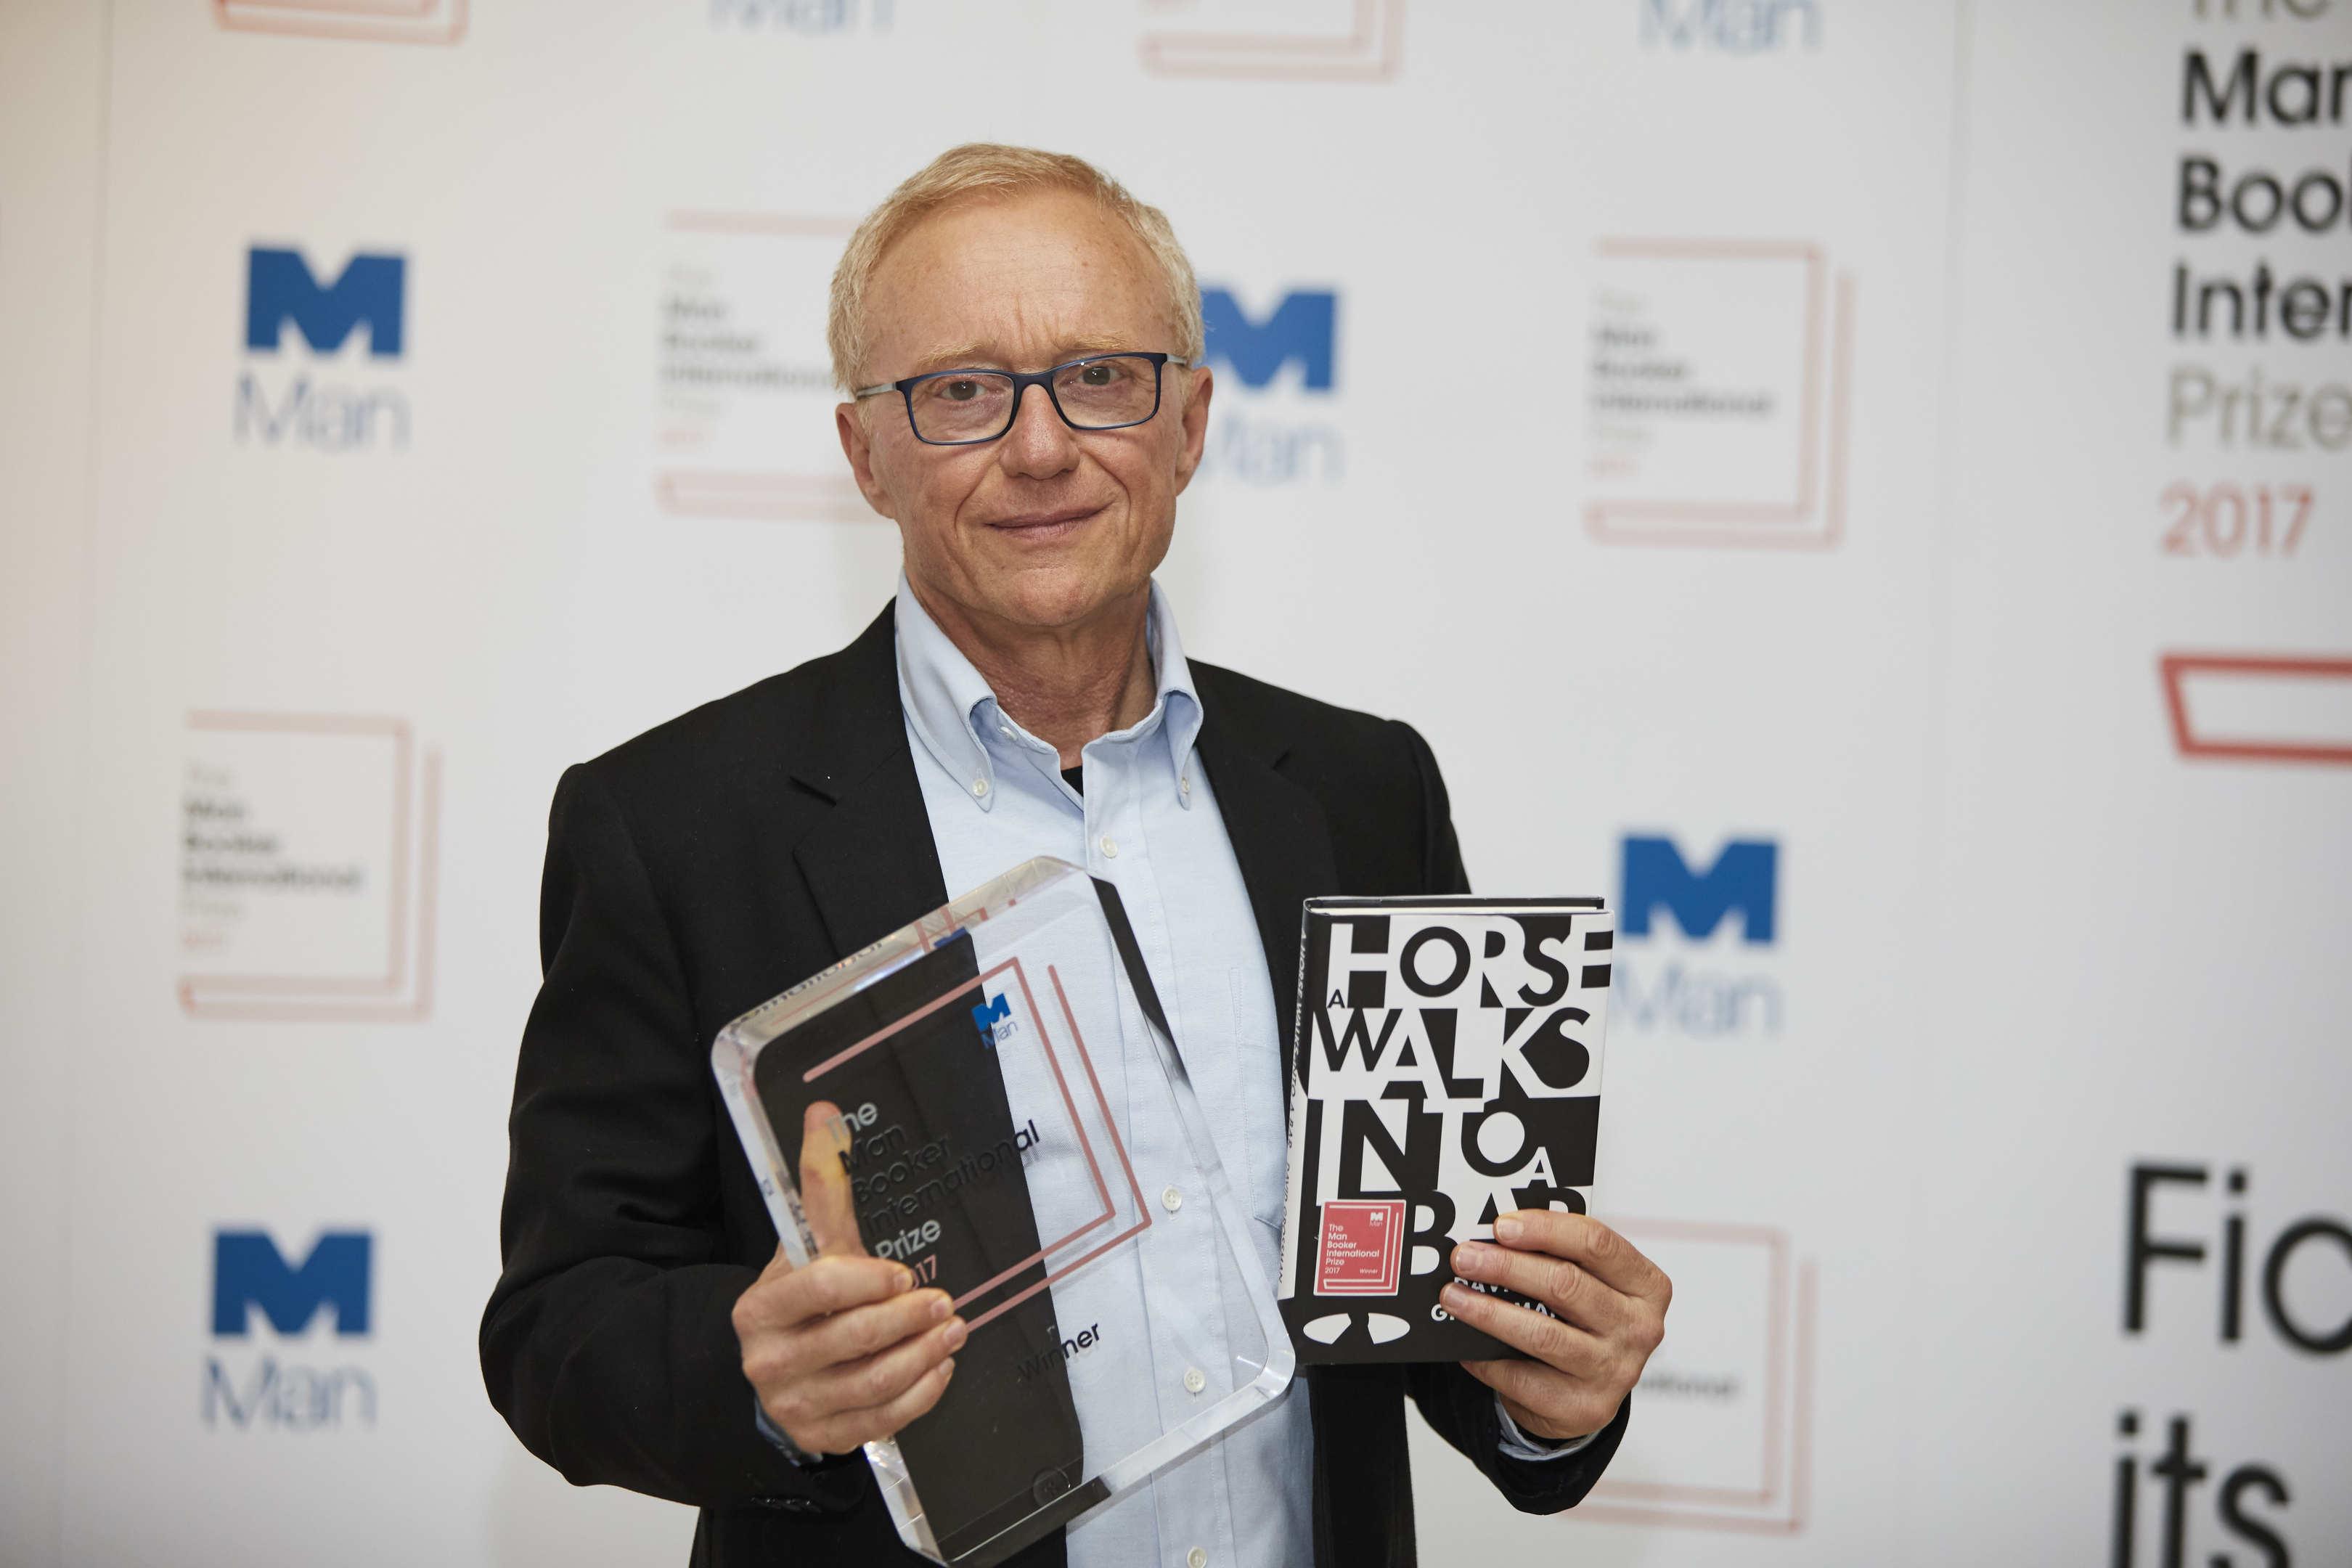 David Grossman wins the 2017 Man Booker International Prize